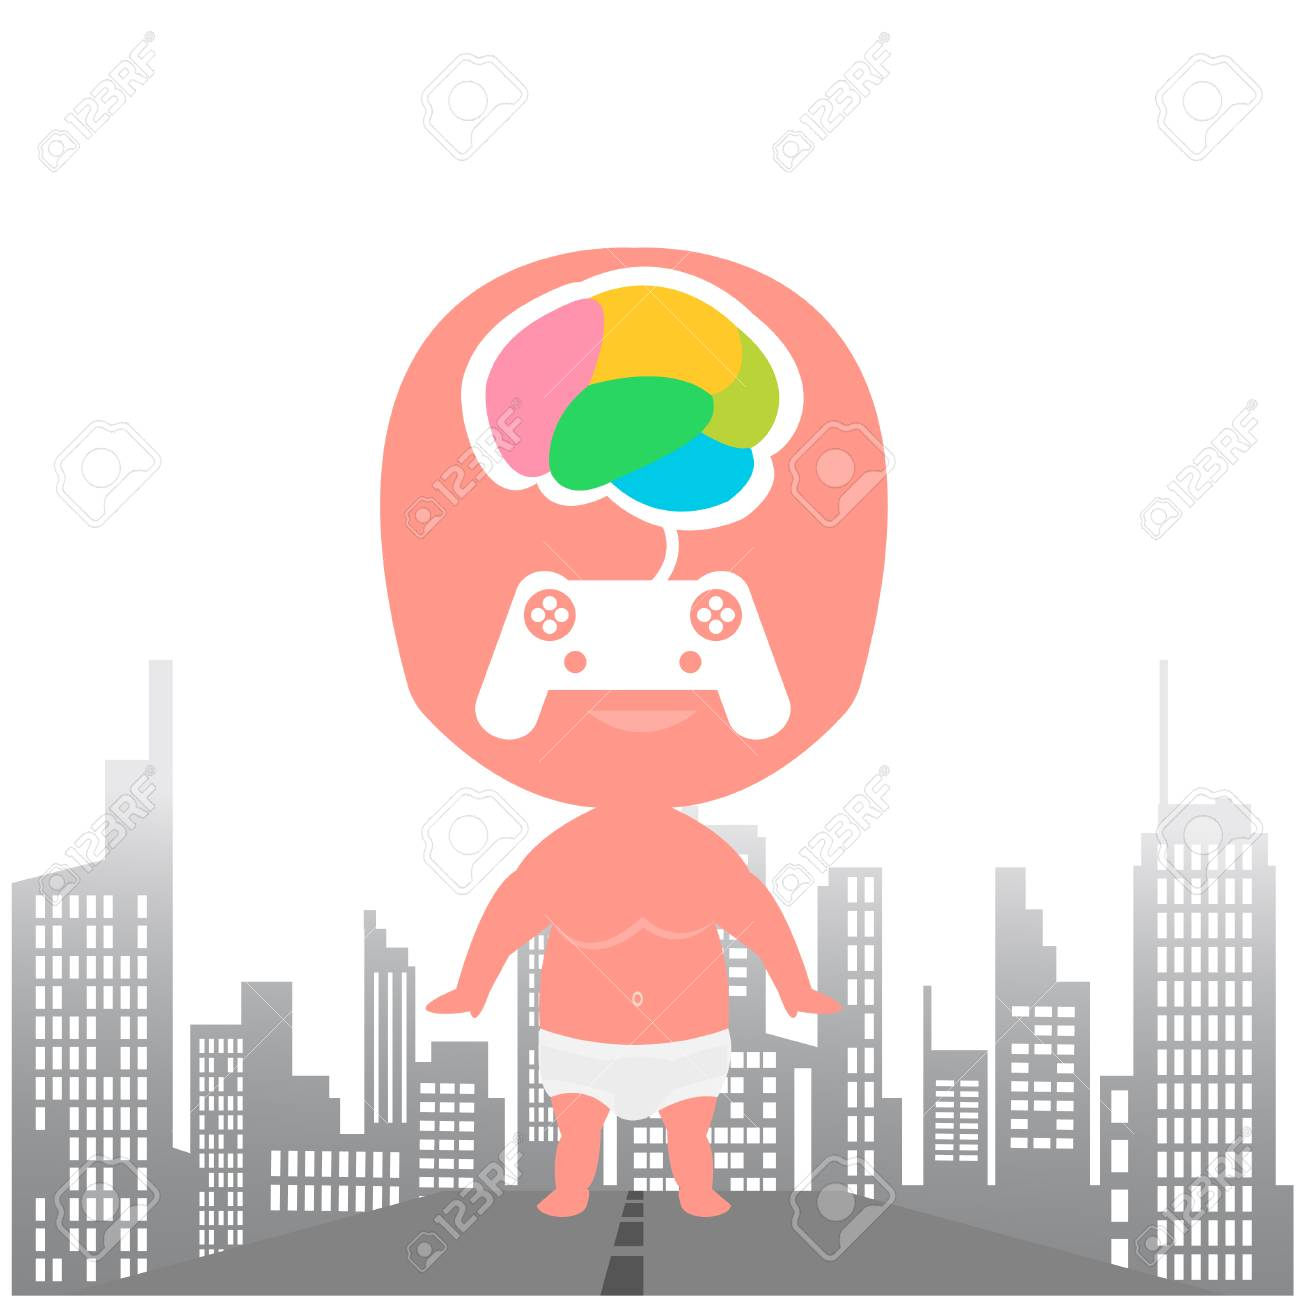 Kids brain games city background